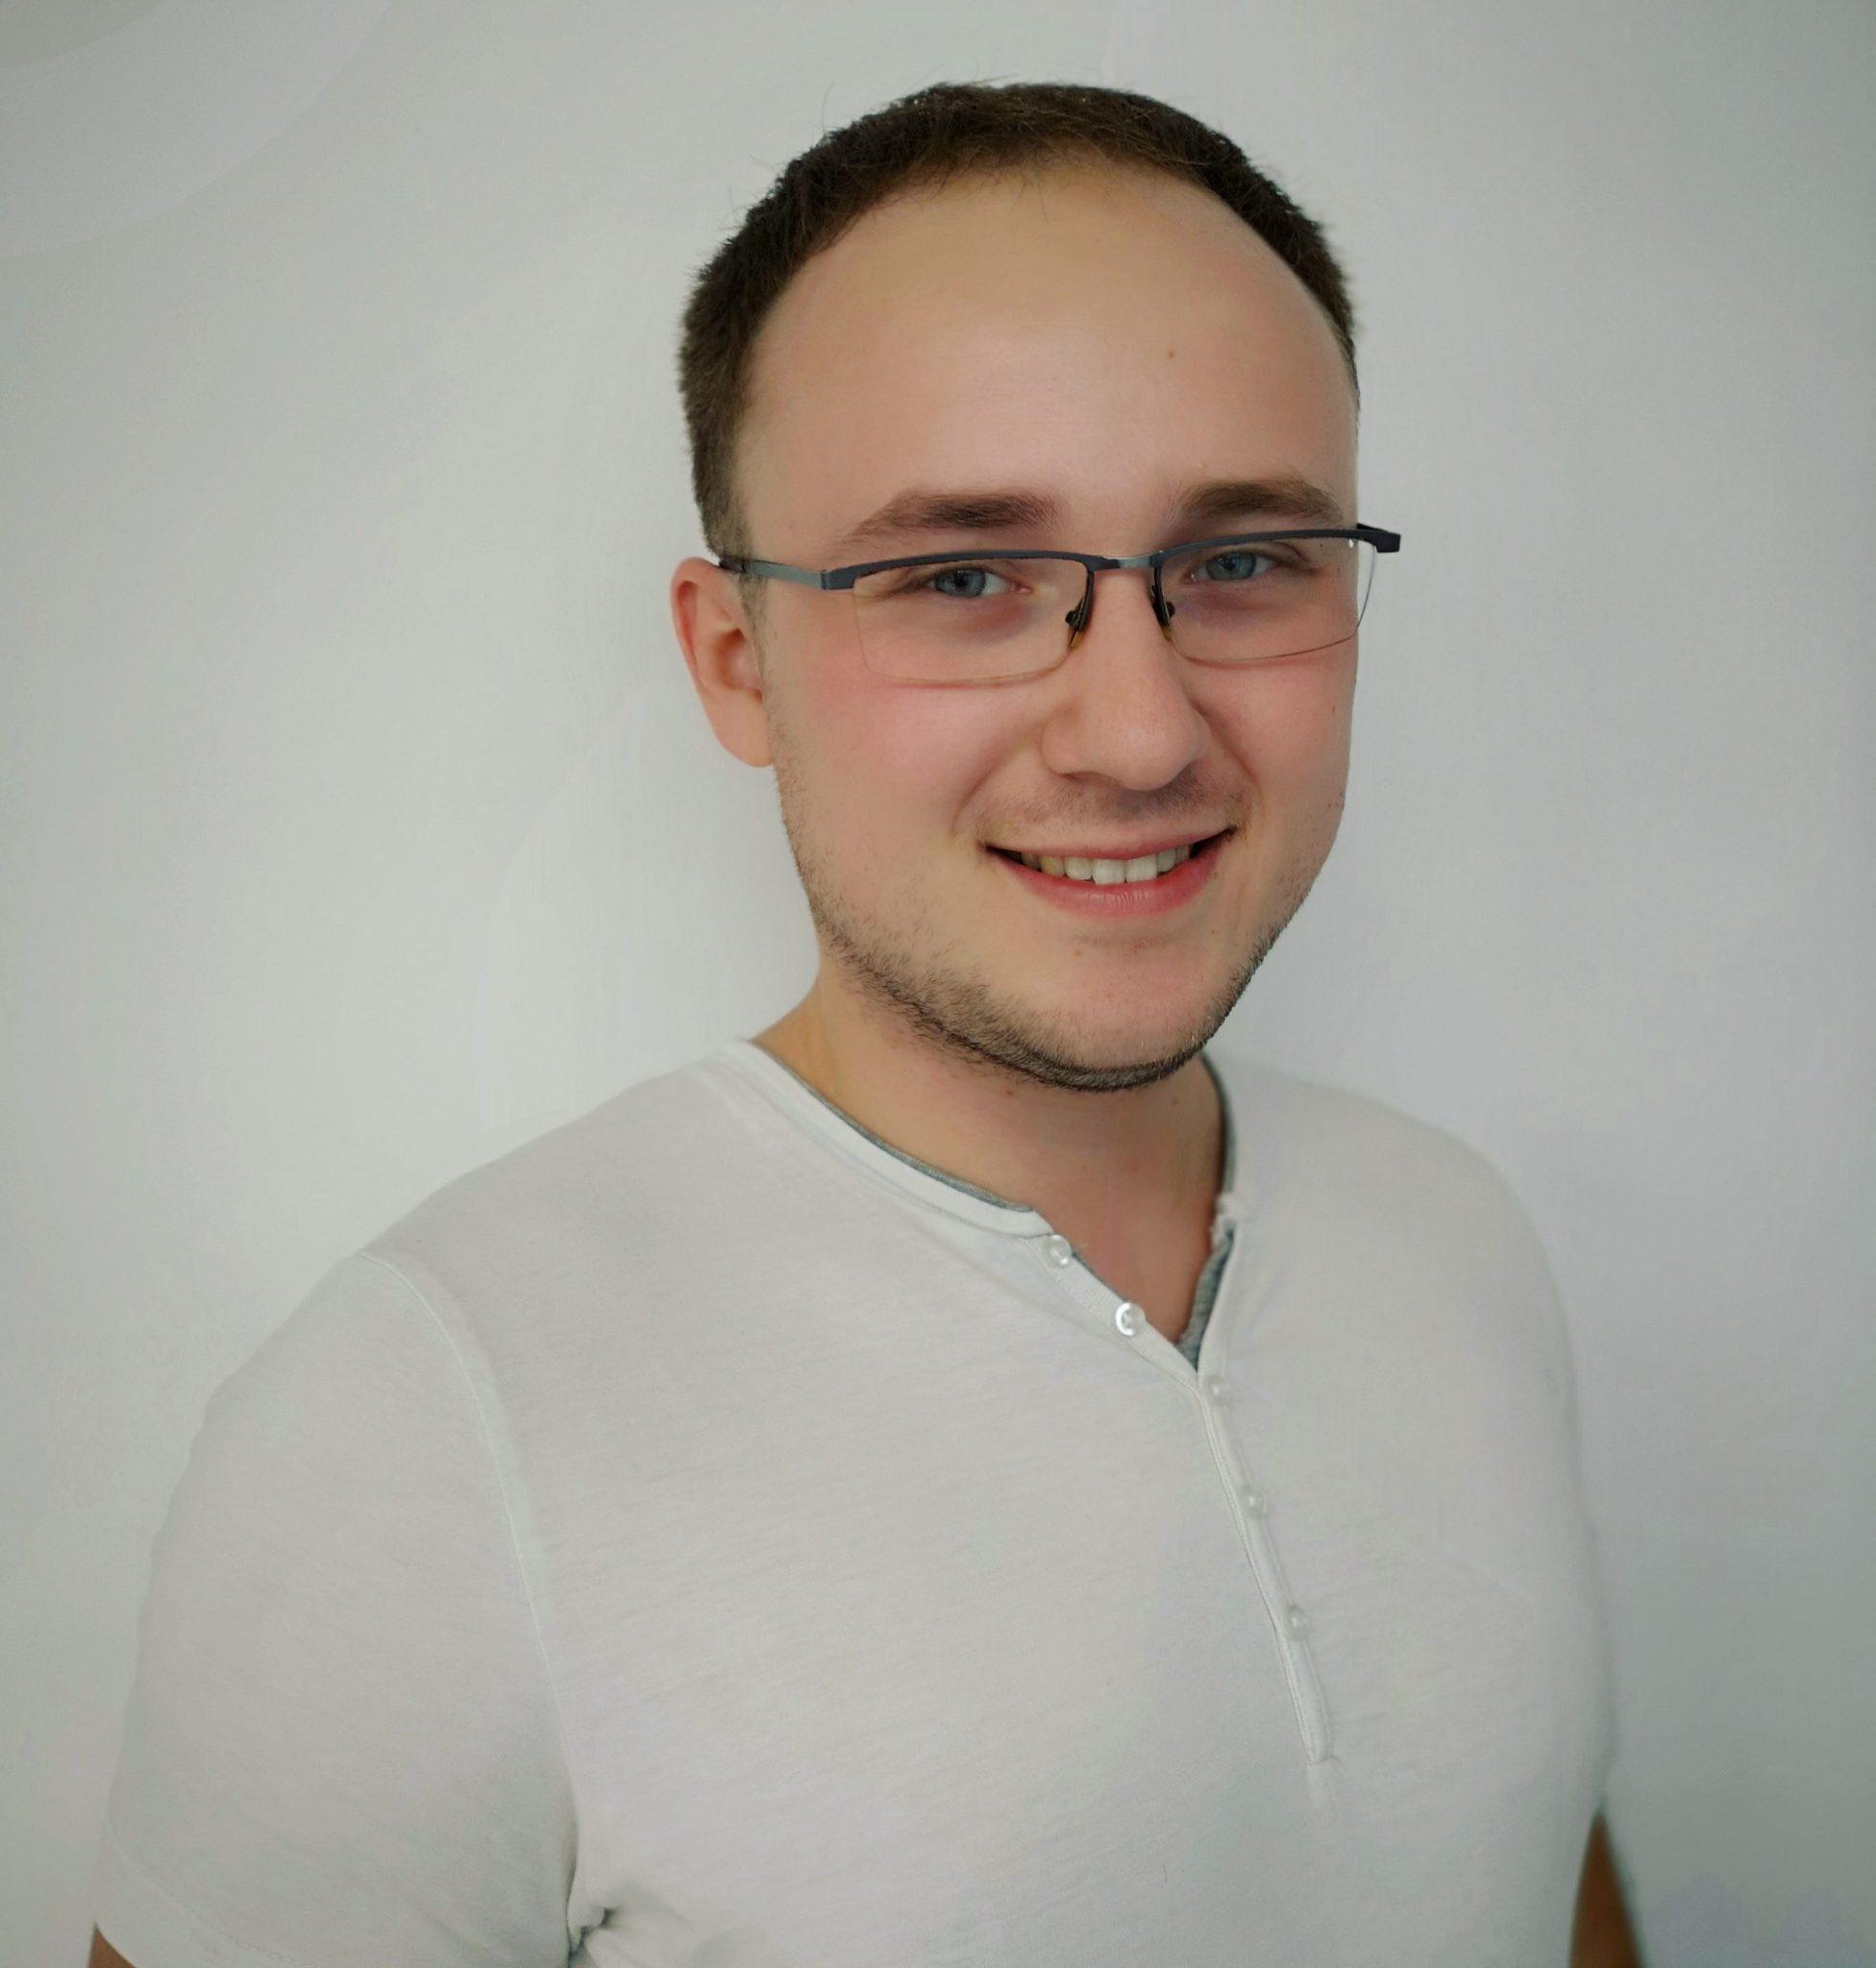 Radosław Łączkowiak